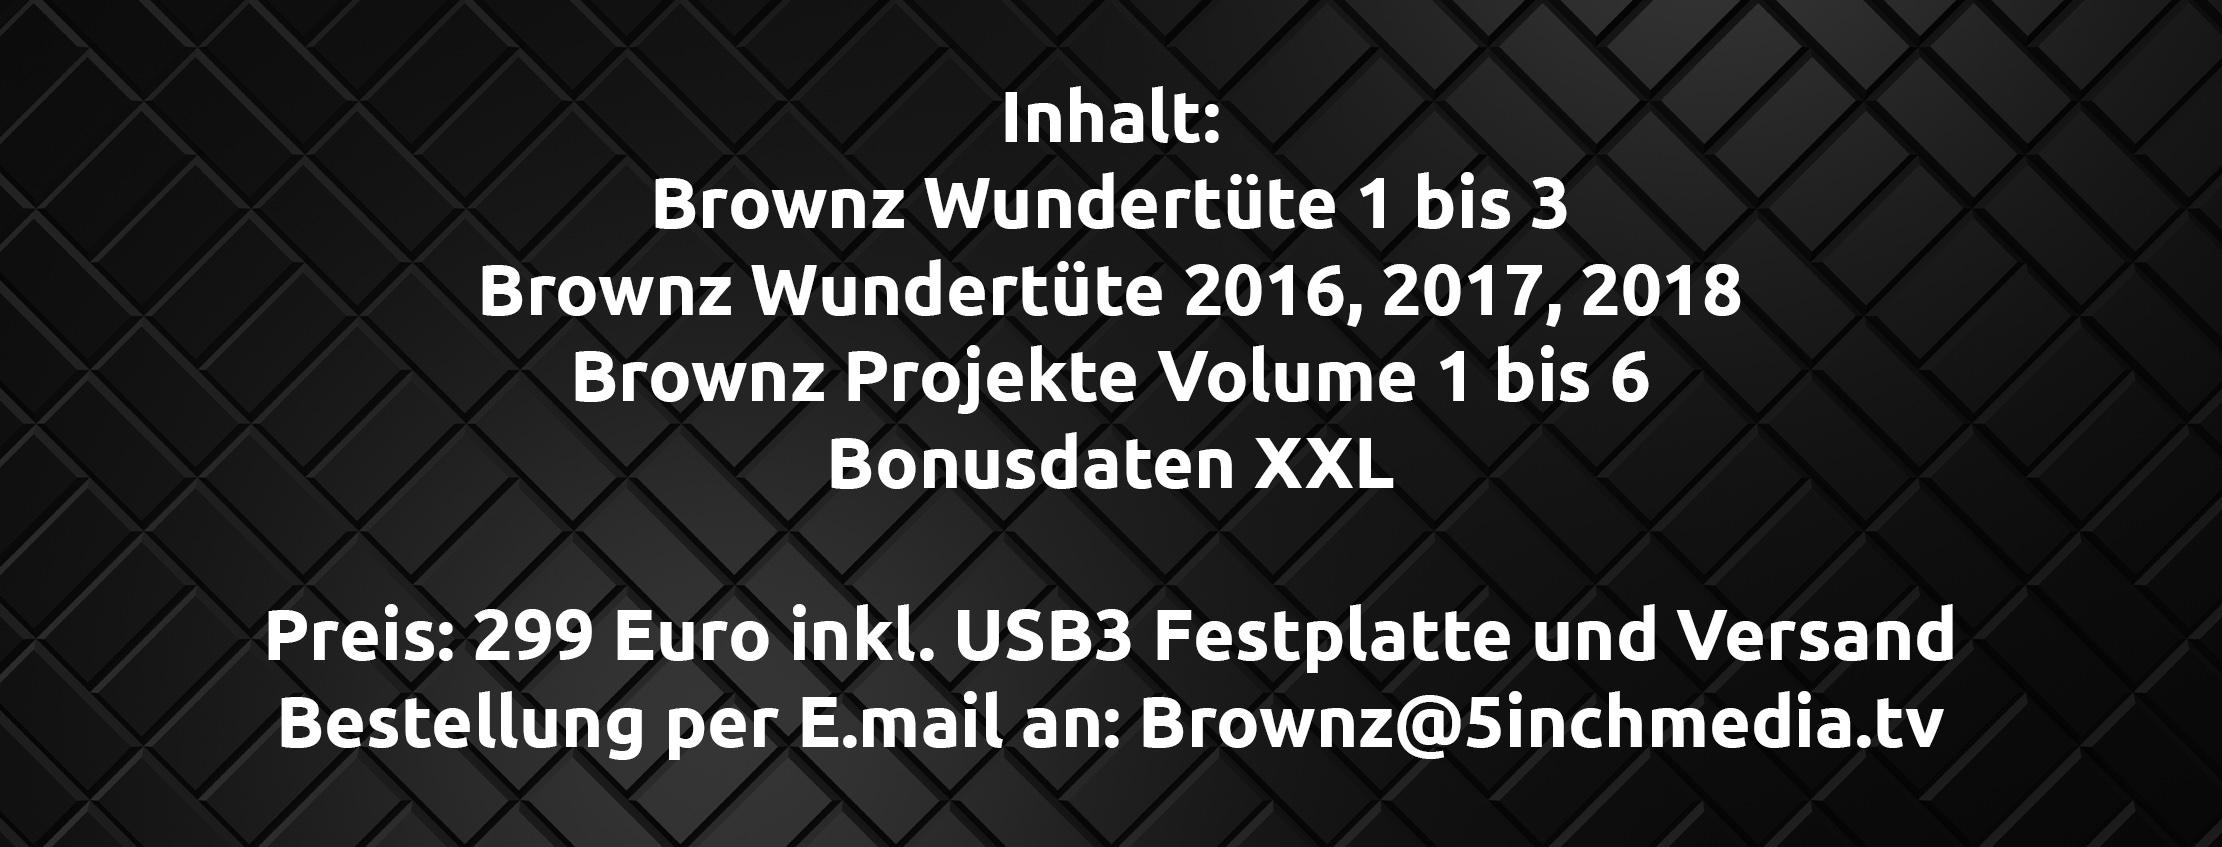 000_BROWNZarchivBOXText02